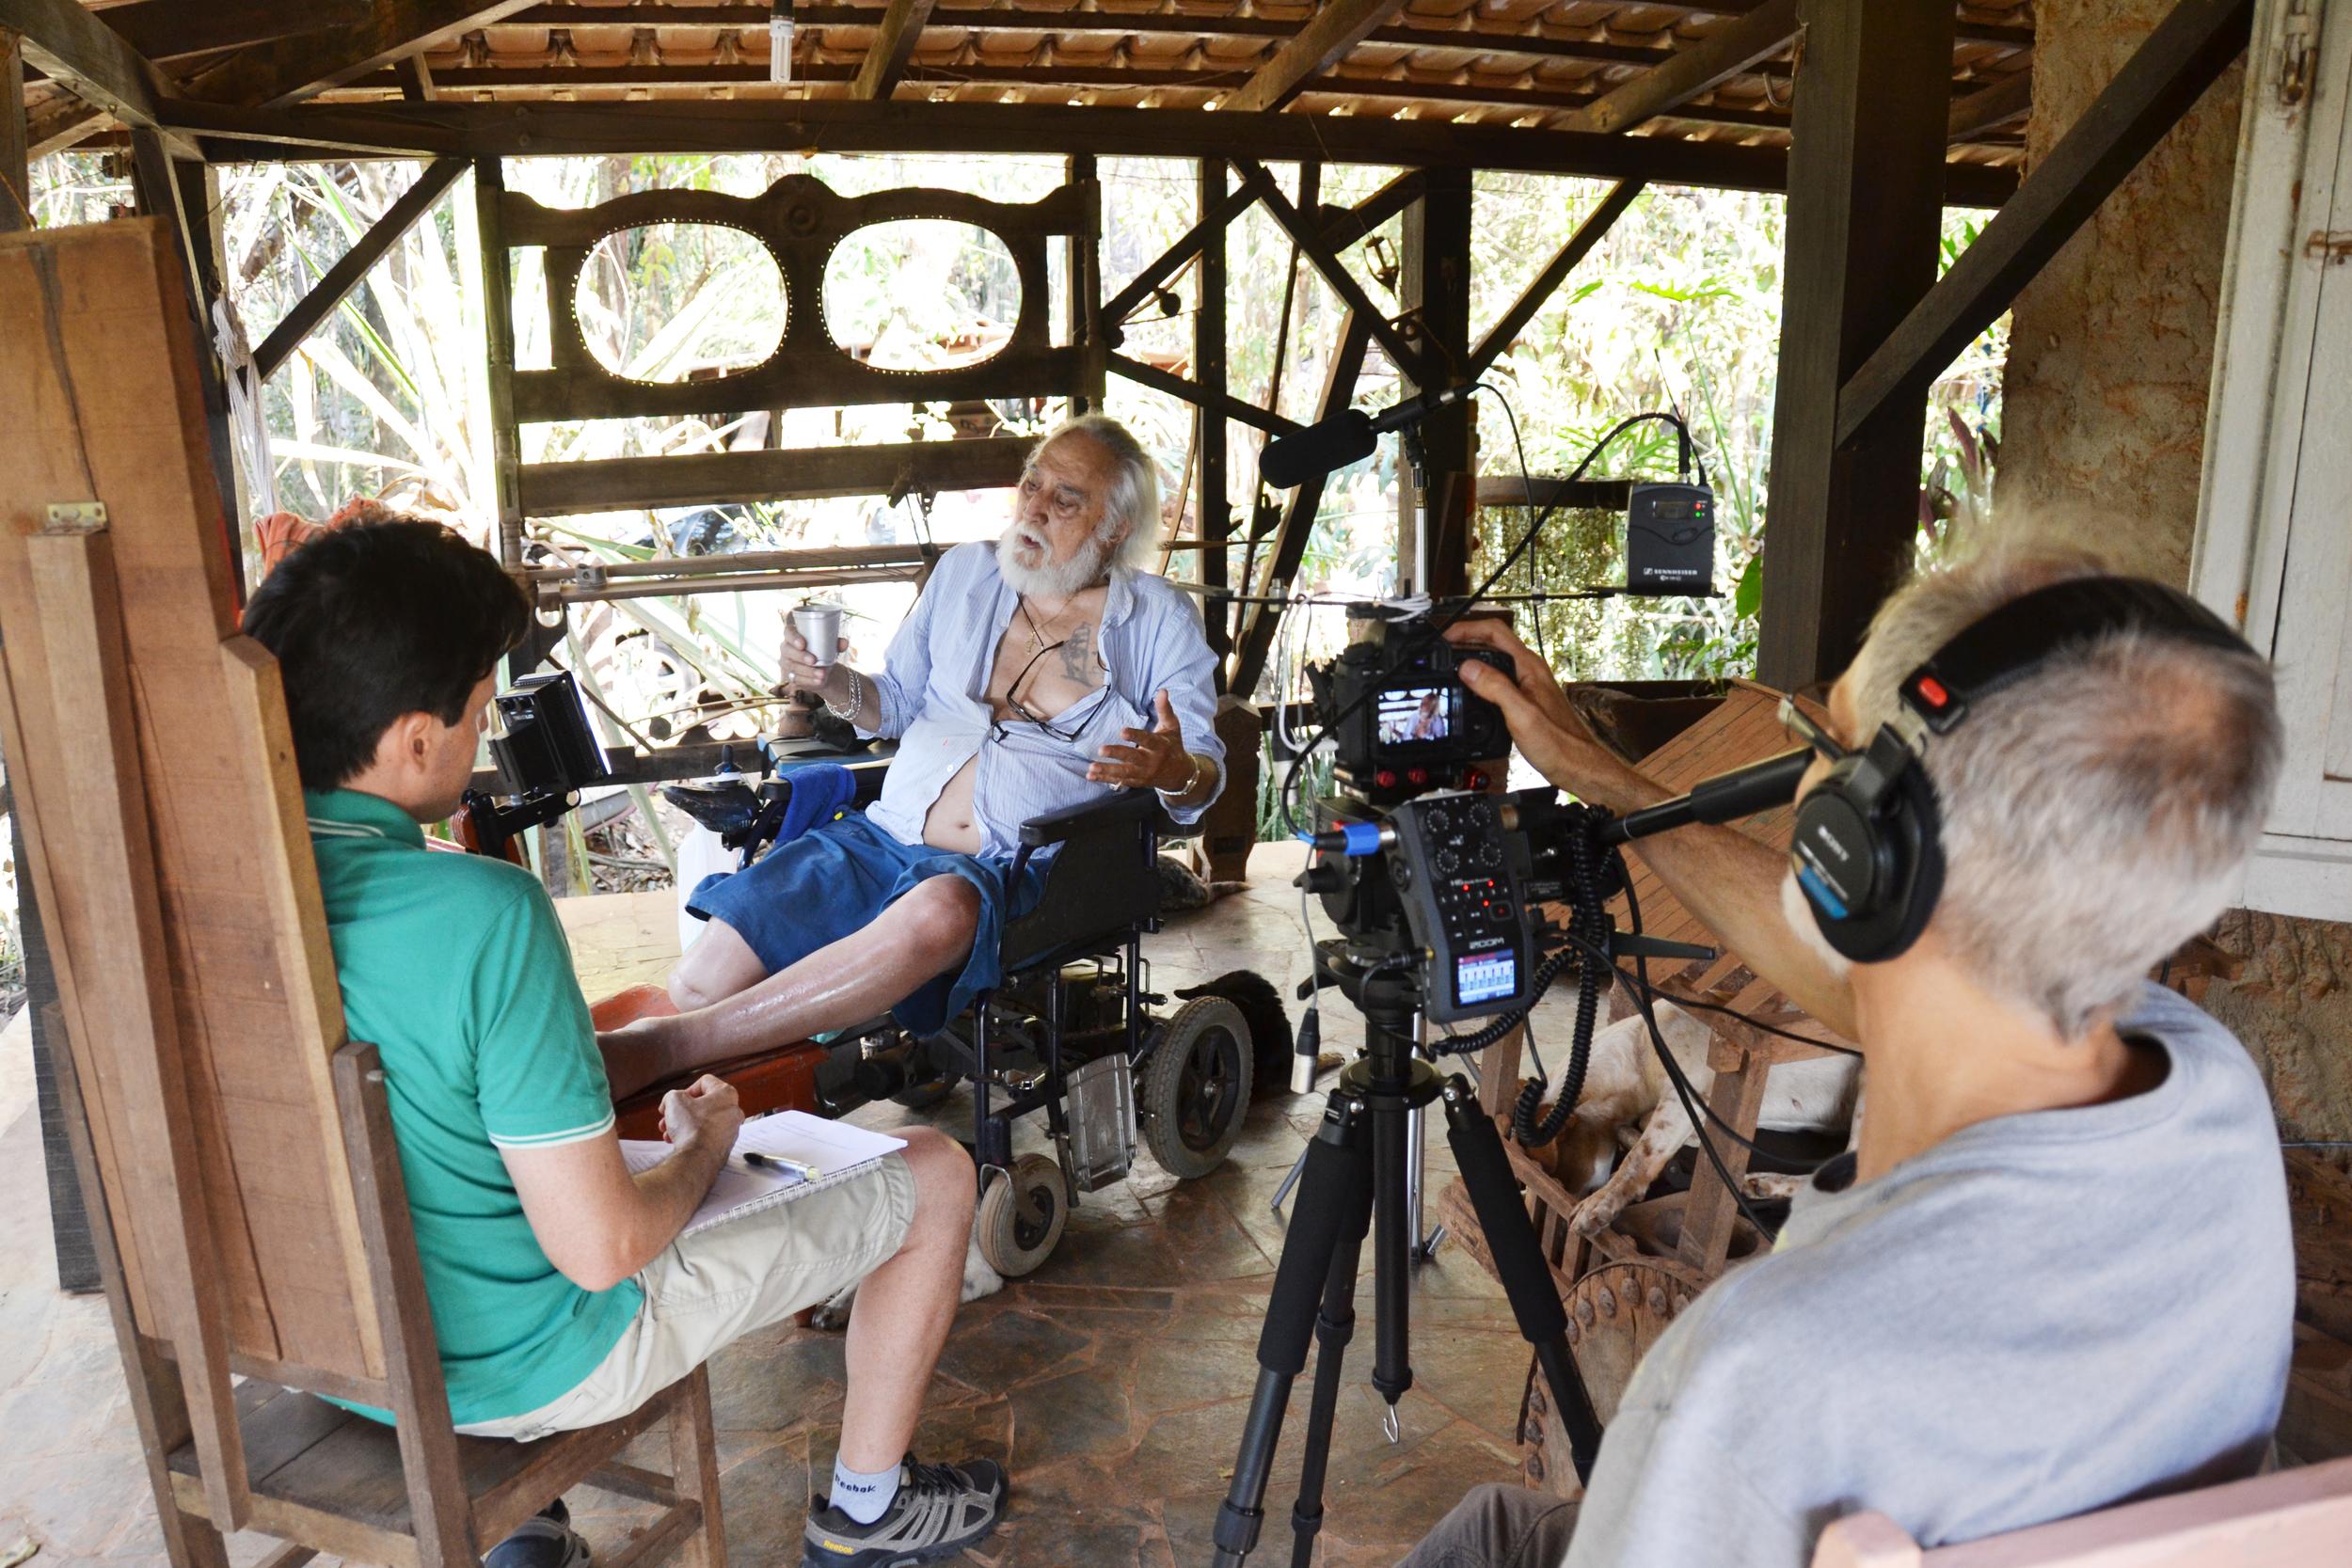 Durante o primeiro dia de gravação o jornalista Gustavo Porpino colaborou com o documentário entrevistando o Fé Córdula.